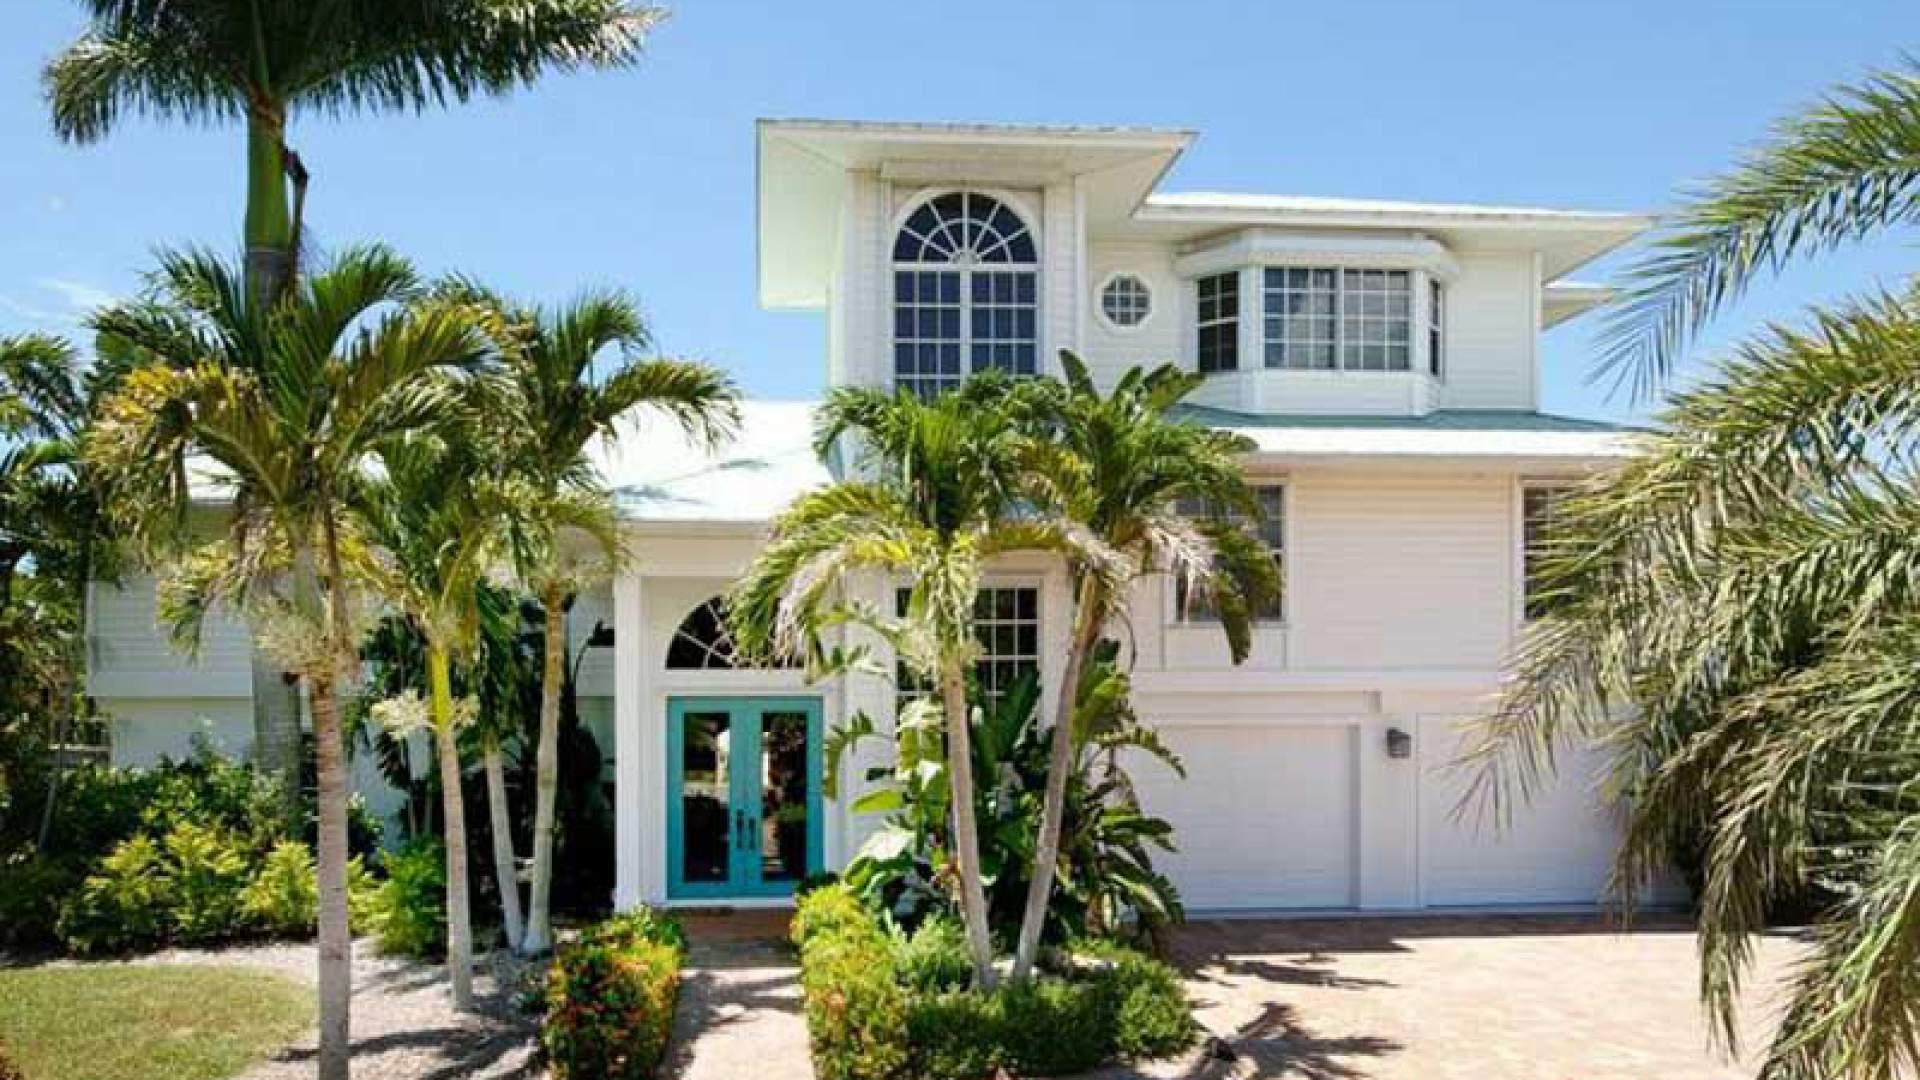 Verbringen Sie einen Traumurlaub in diesem bildschönen Haus im Key West Stil, mit Toplage an der Pelican Bay